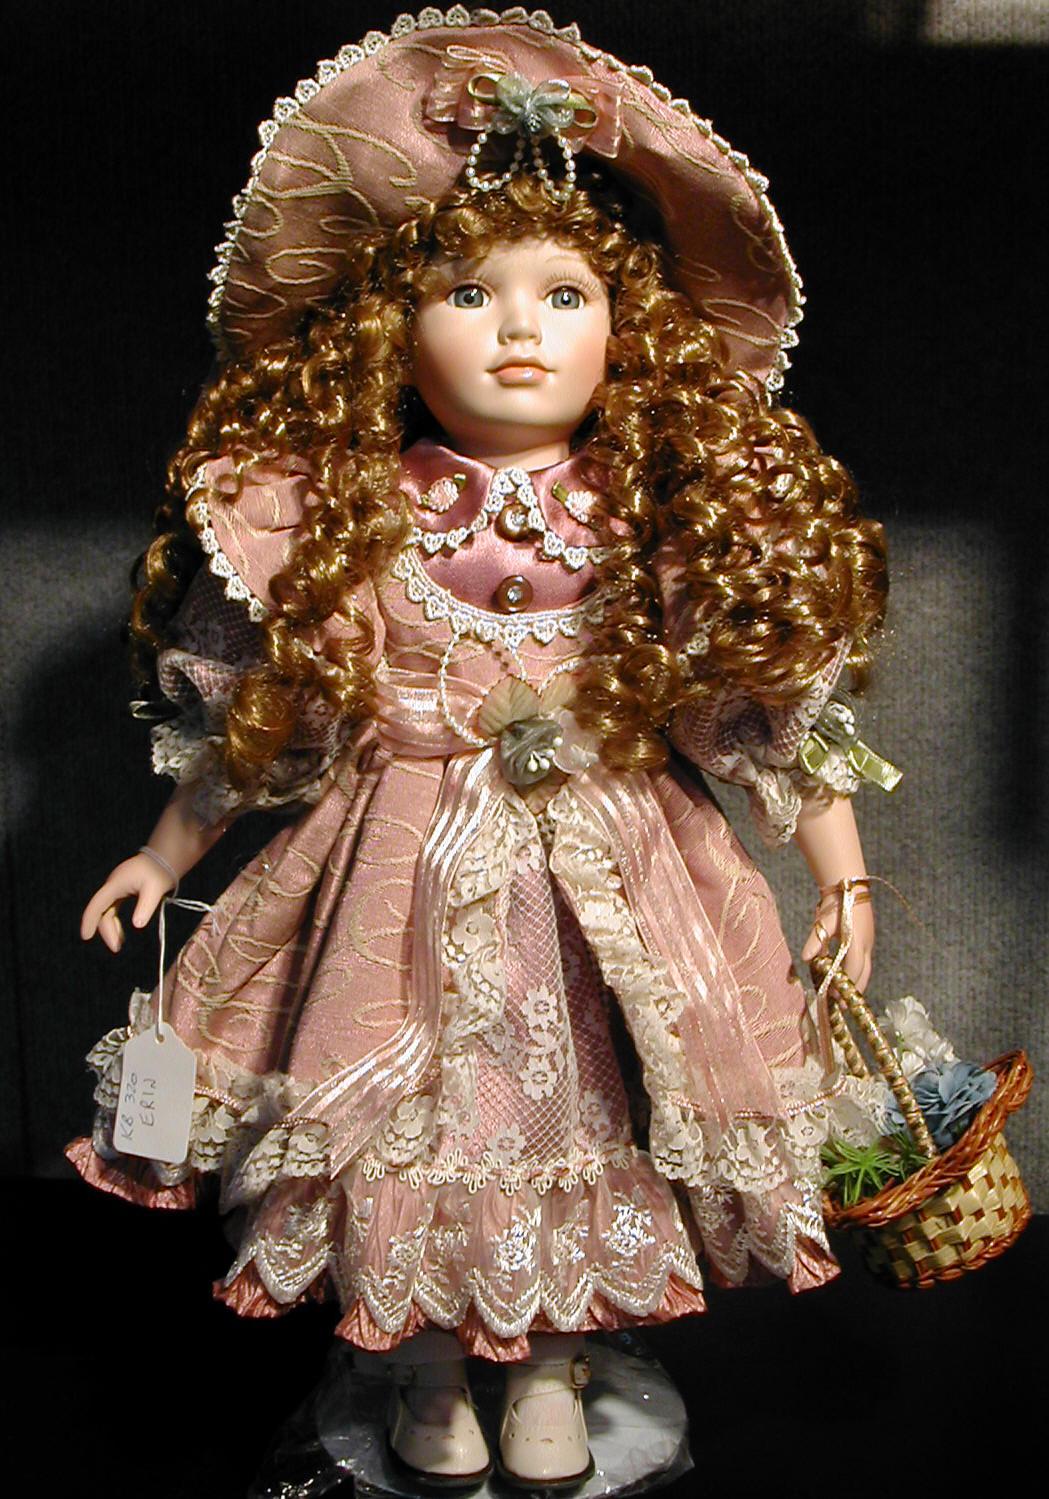 http://2.bp.blogspot.com/-wu3nUOjtWvU/Tm-QjtF0VSI/AAAAAAAAANc/c6h_2CybBlo/s1600/china+doll.jpg